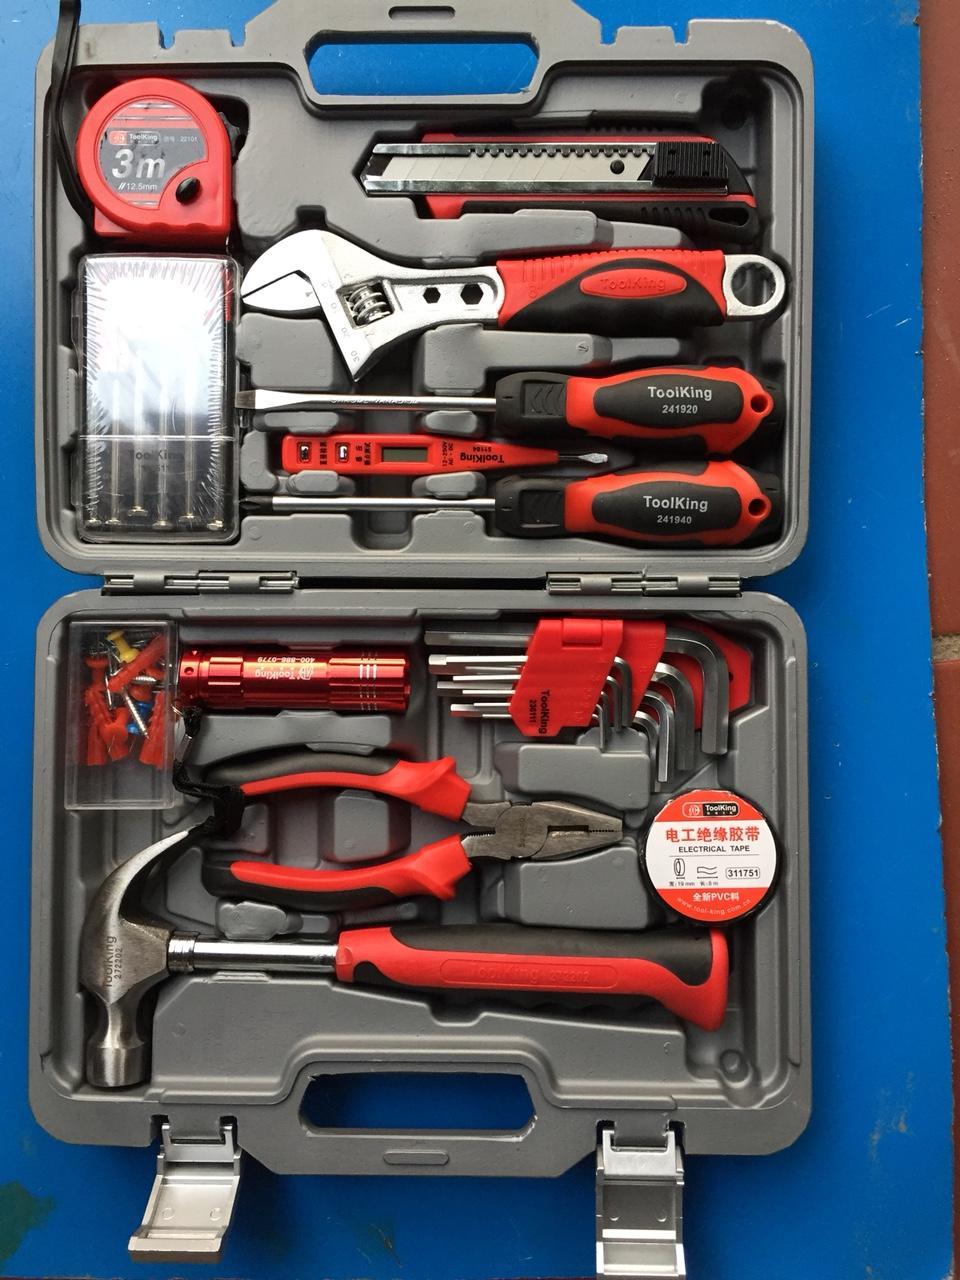 Bộ dụng cụ sửa chữa đa năng 26 chi tiết; bộ dụng cụ đa năng 26 chi tiết;